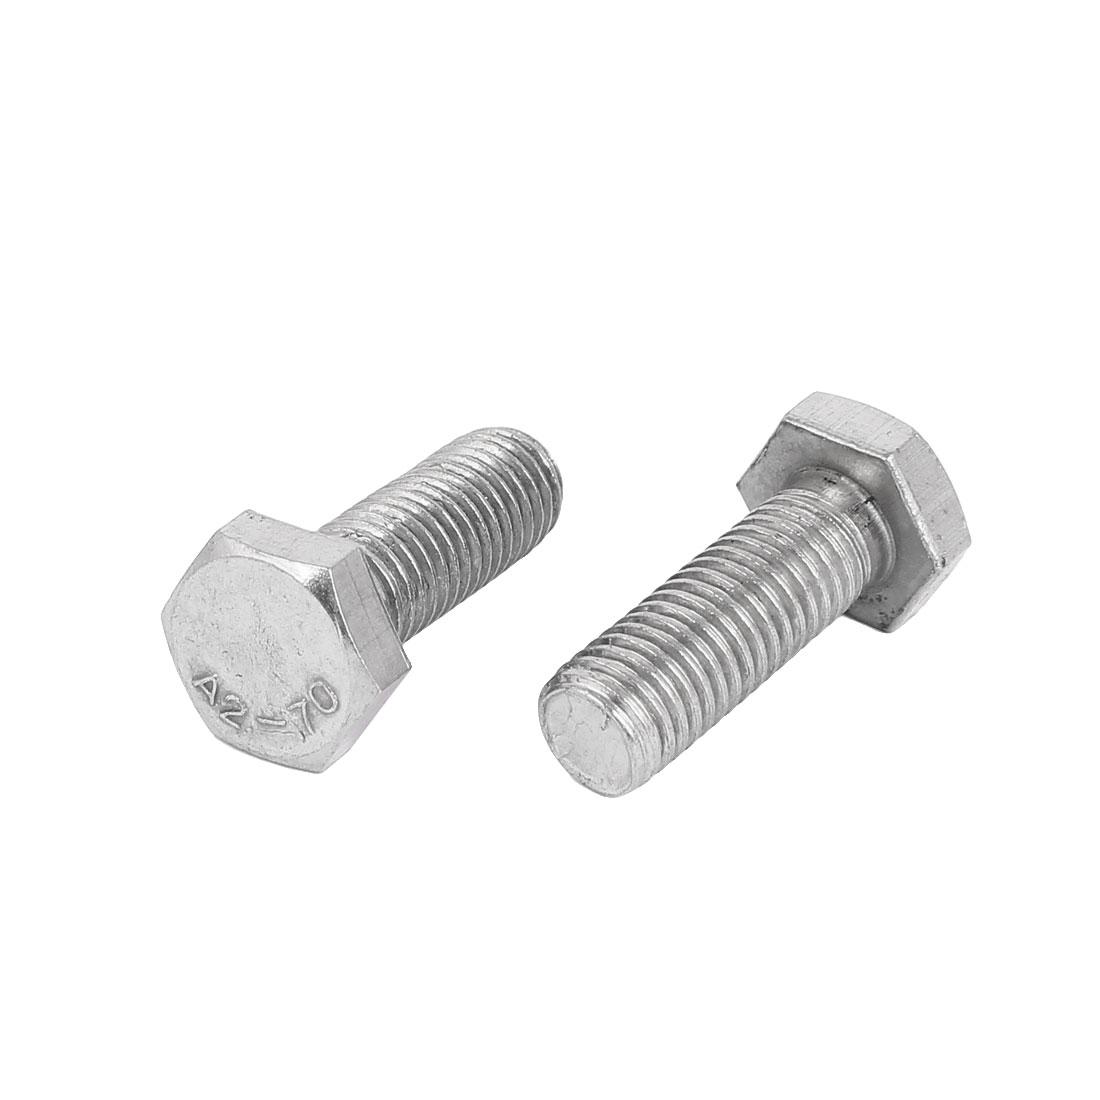 M14 x 40mm Stainless Steel External Hex Drive Hexagon Screws Bolts DIN 933 2PCS